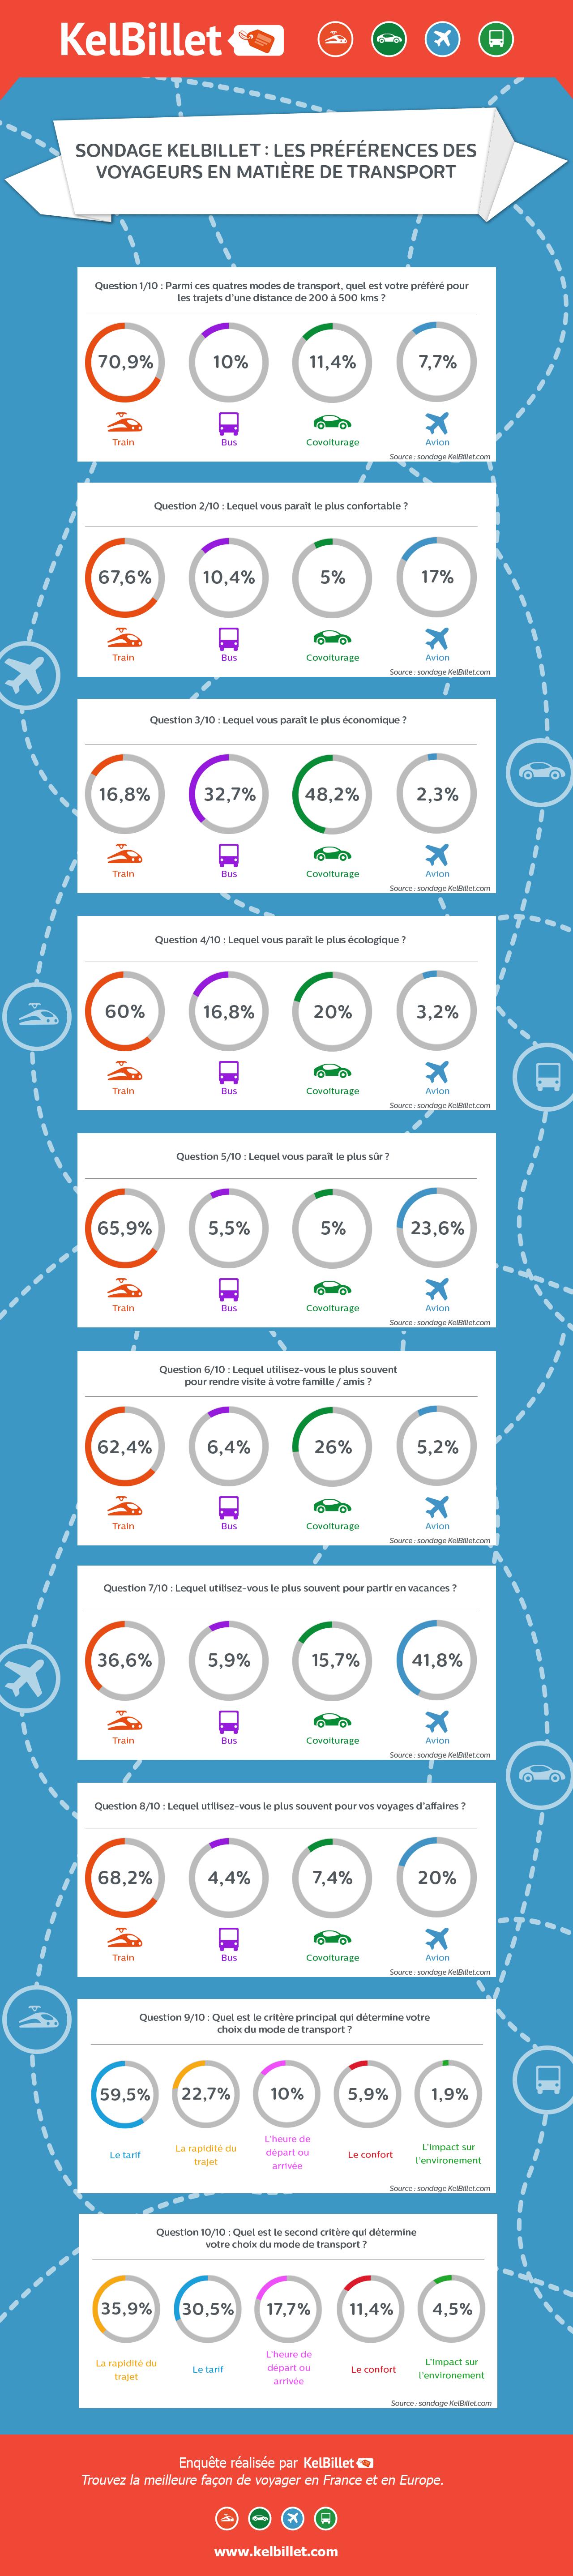 Résultats sondage KelBillet : Les préférences des voyageurs en matière de transport